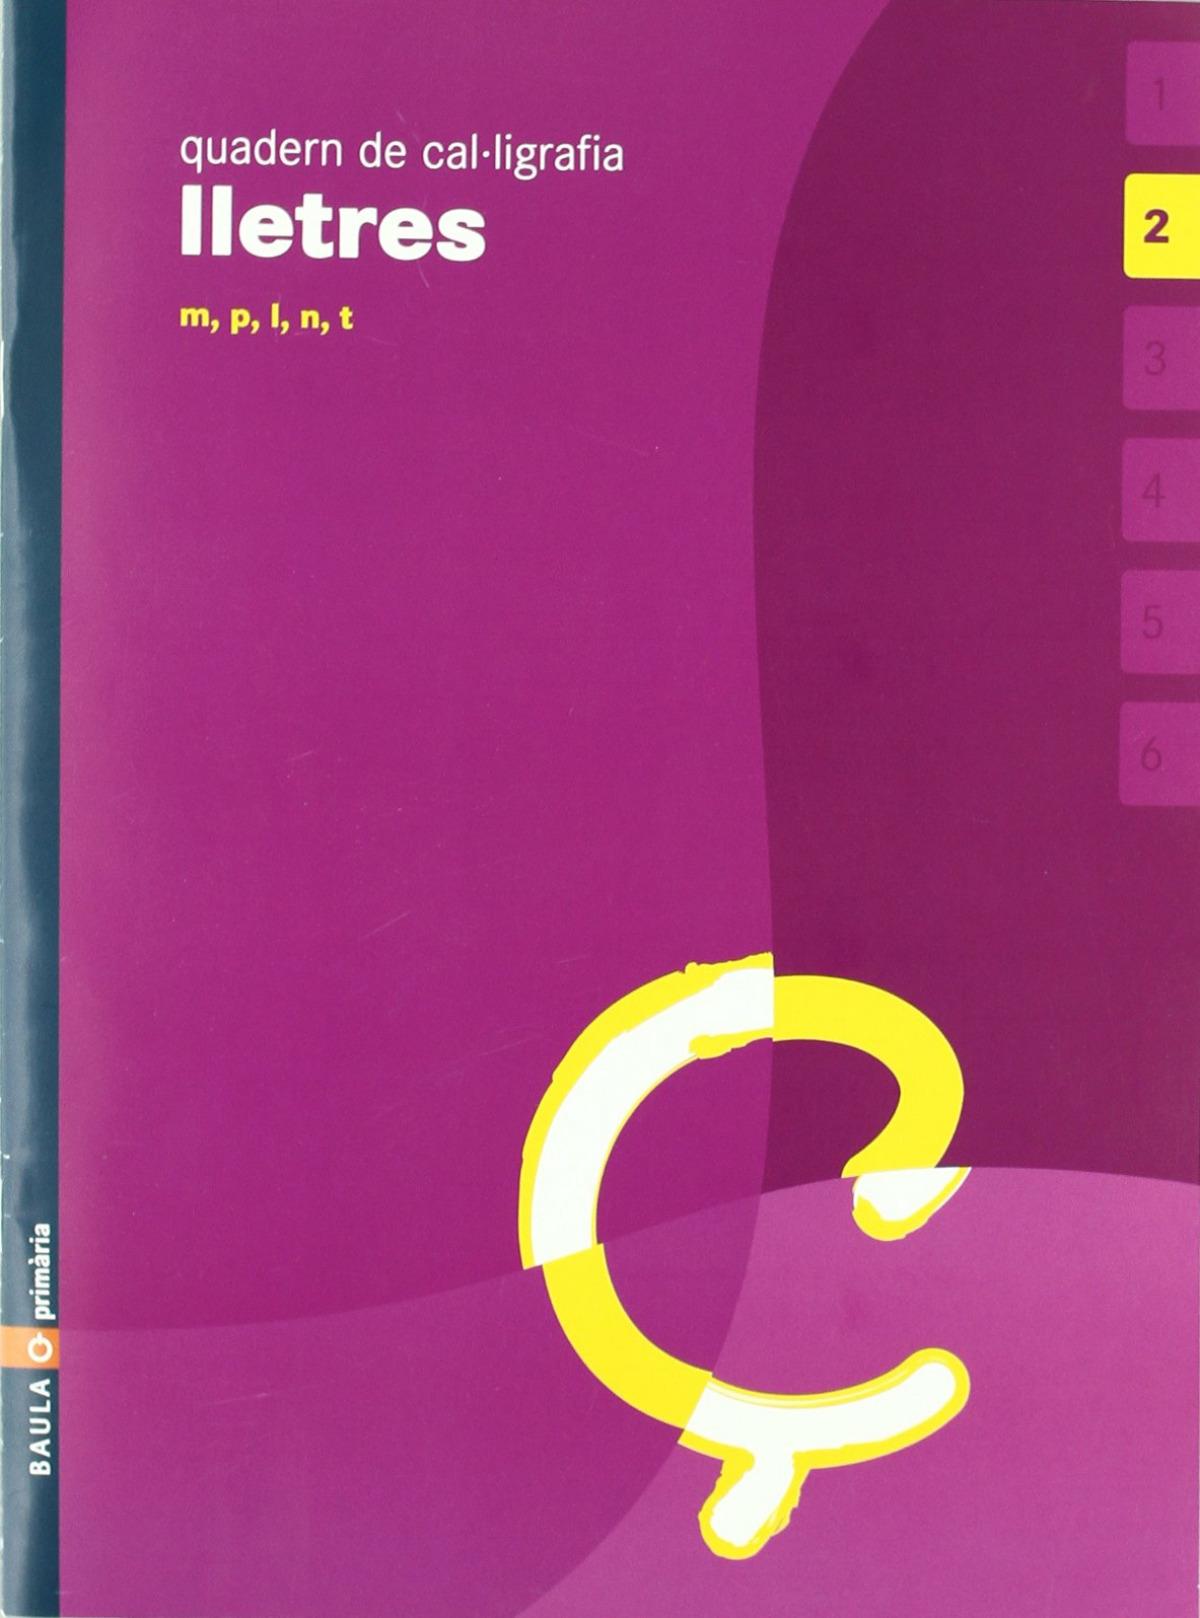 (CAT).(05).2.QUAD.CAL·LIGRAFIA LLETRES (3ANYS)/(M-P-L-N-T)